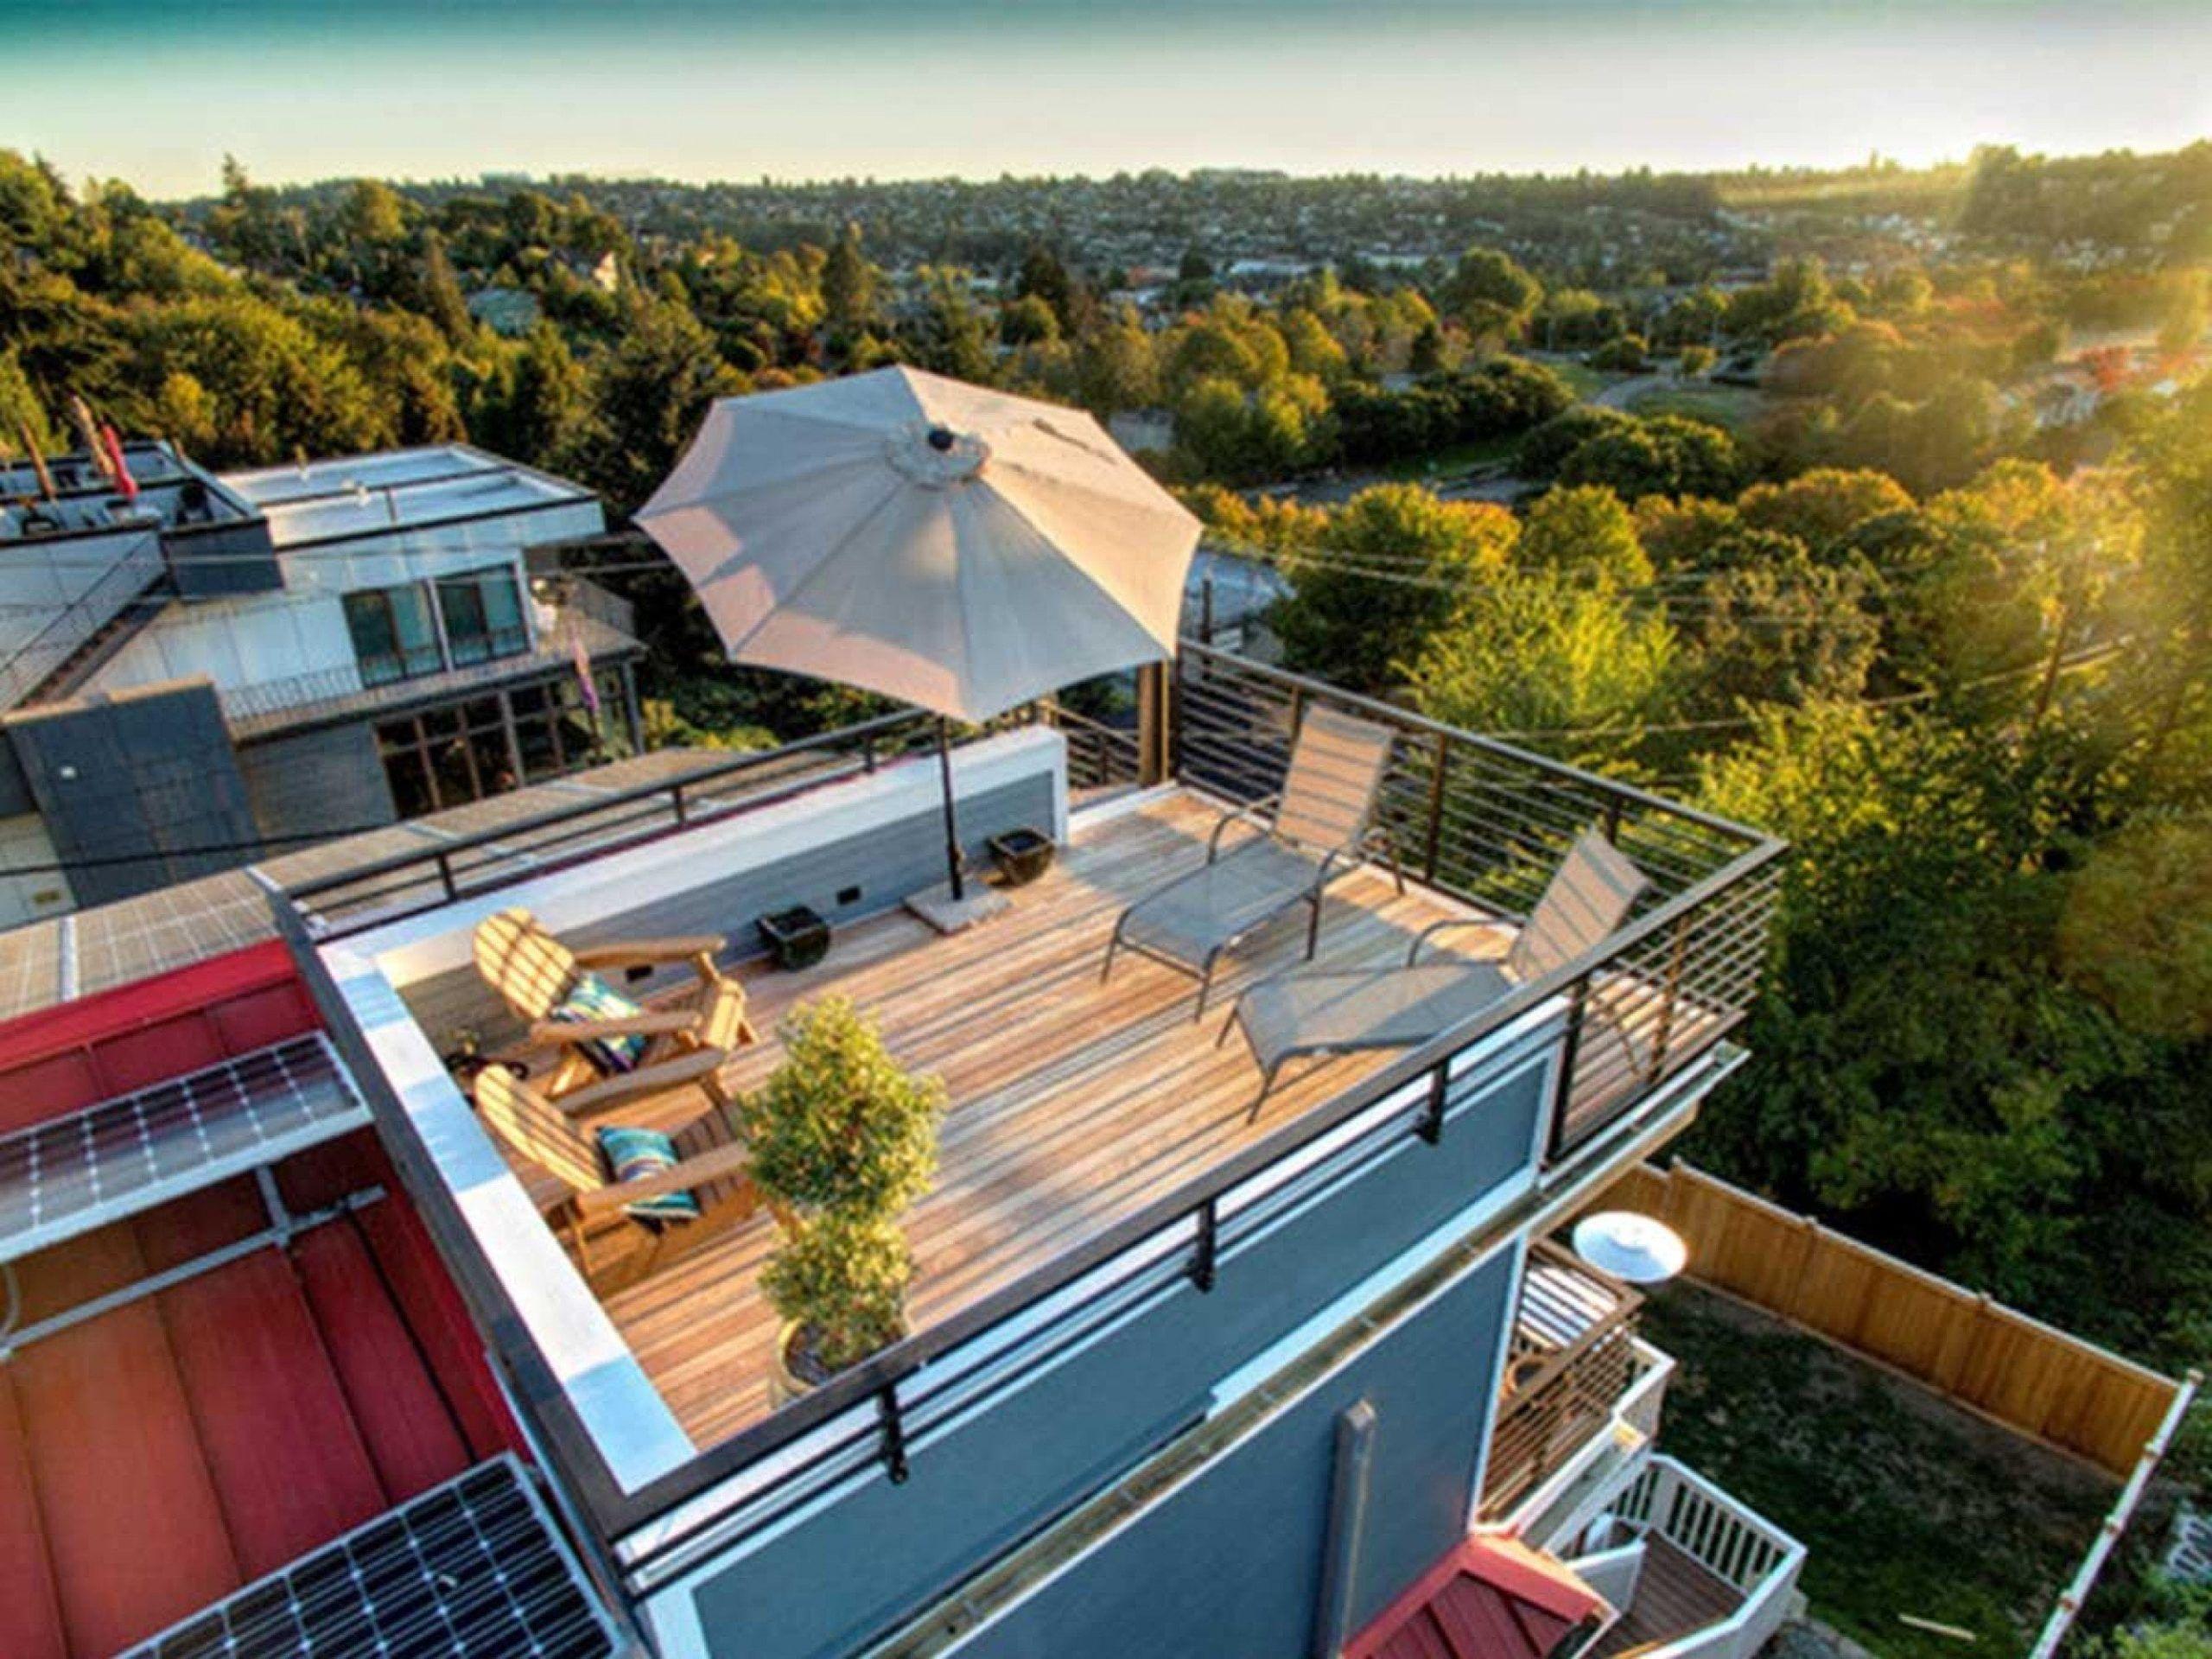 Desain Rumah Minimalis Dengan Rooftop Rumah Minimalis Desain Rumah Rumah